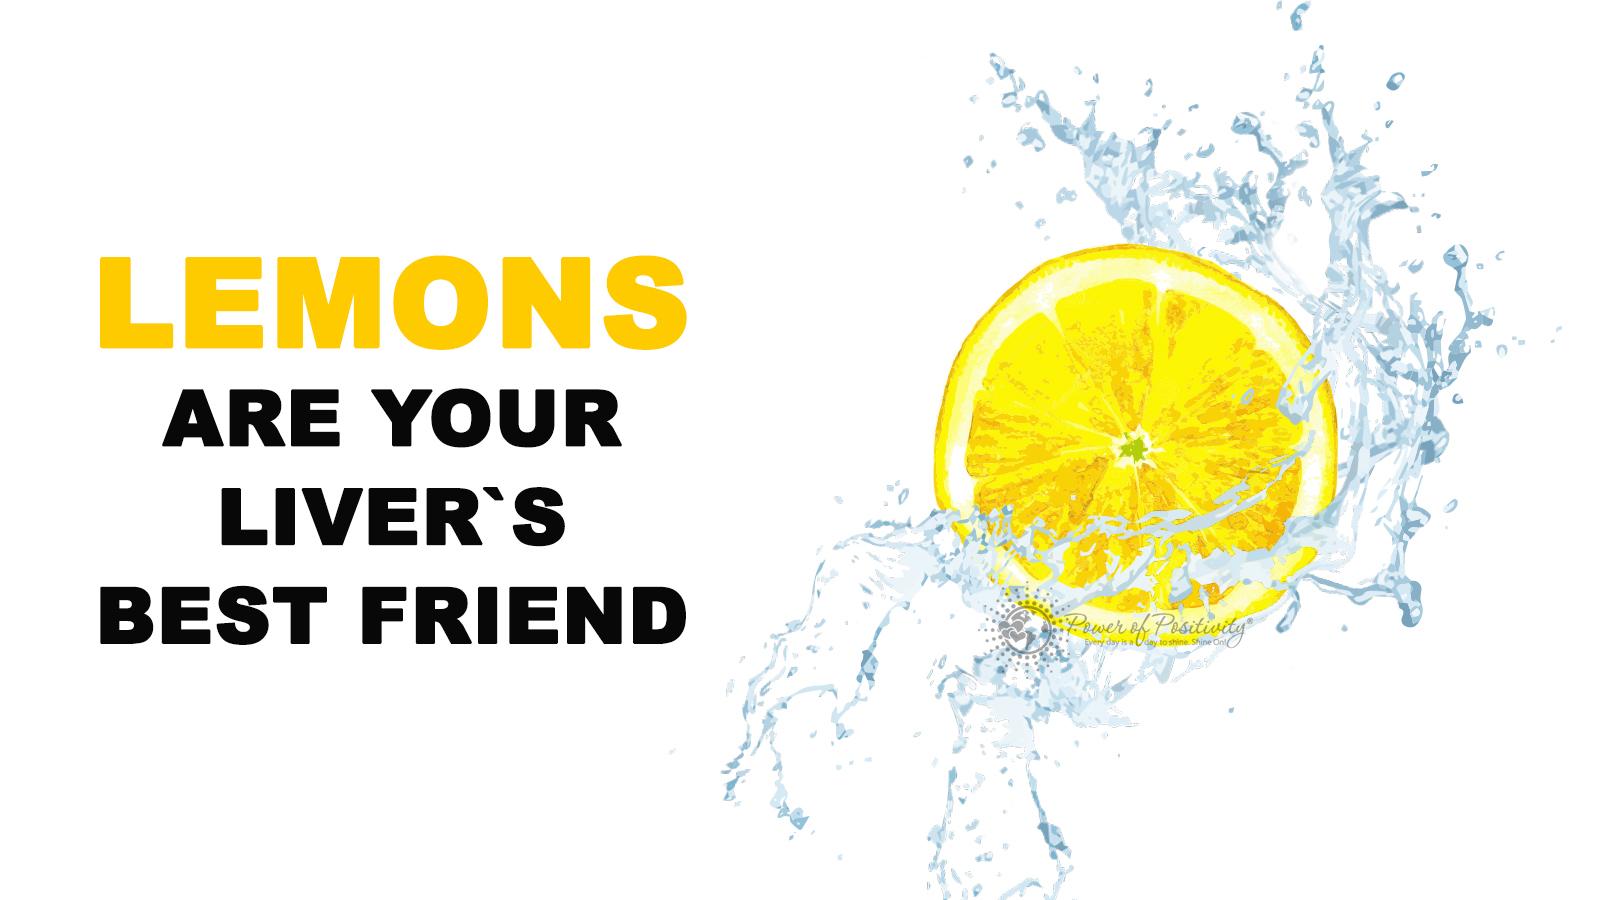 lemon water, lemons, benefits of lemon water